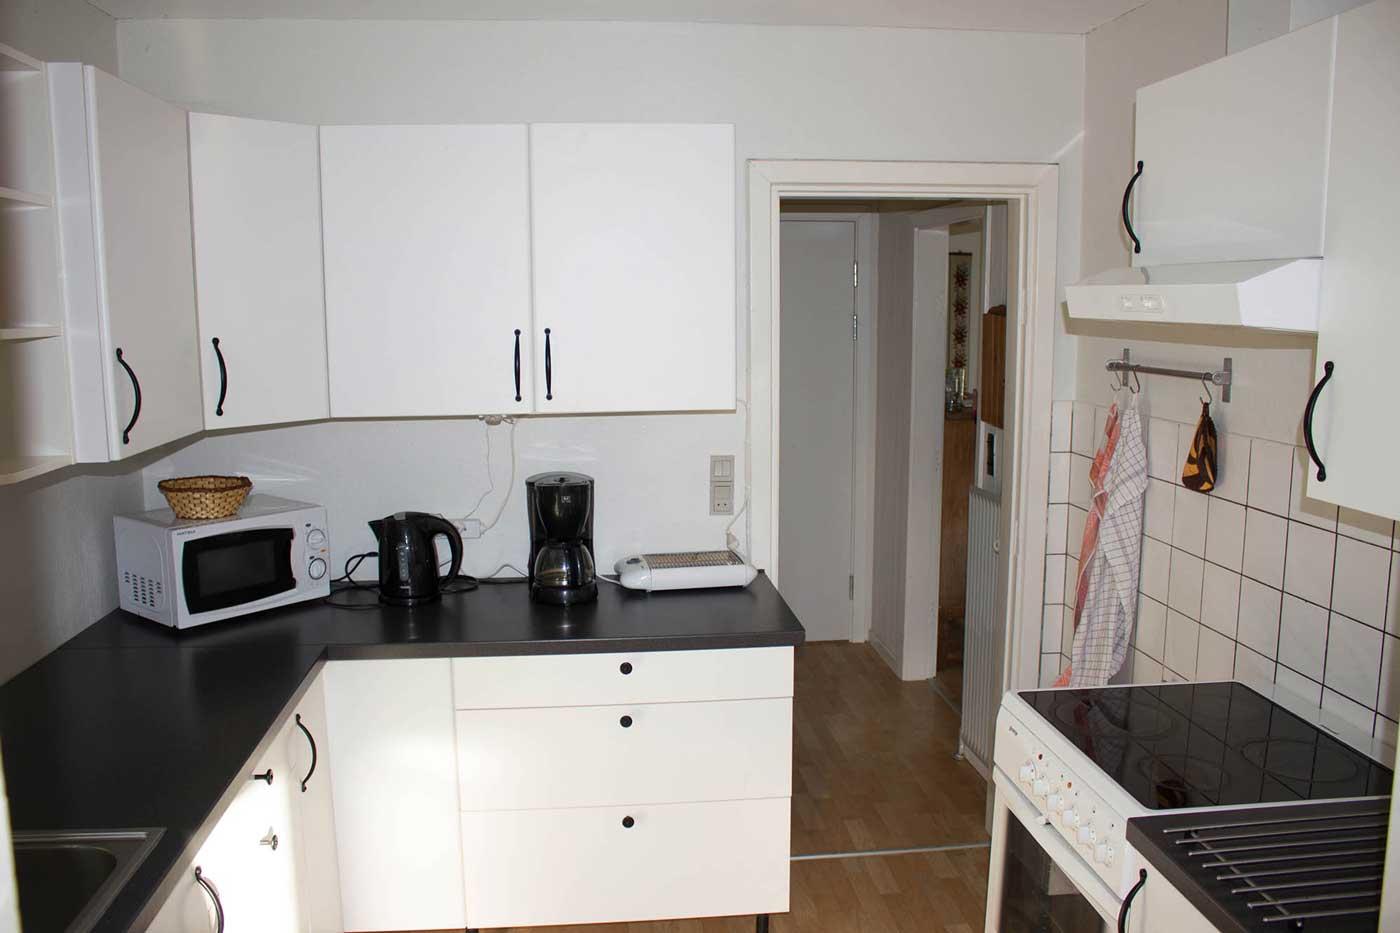 Køkkenet i stueetagen med komfur, kogeplader, kølefryseskab, kaffemaskine, mikroovn og elkedel